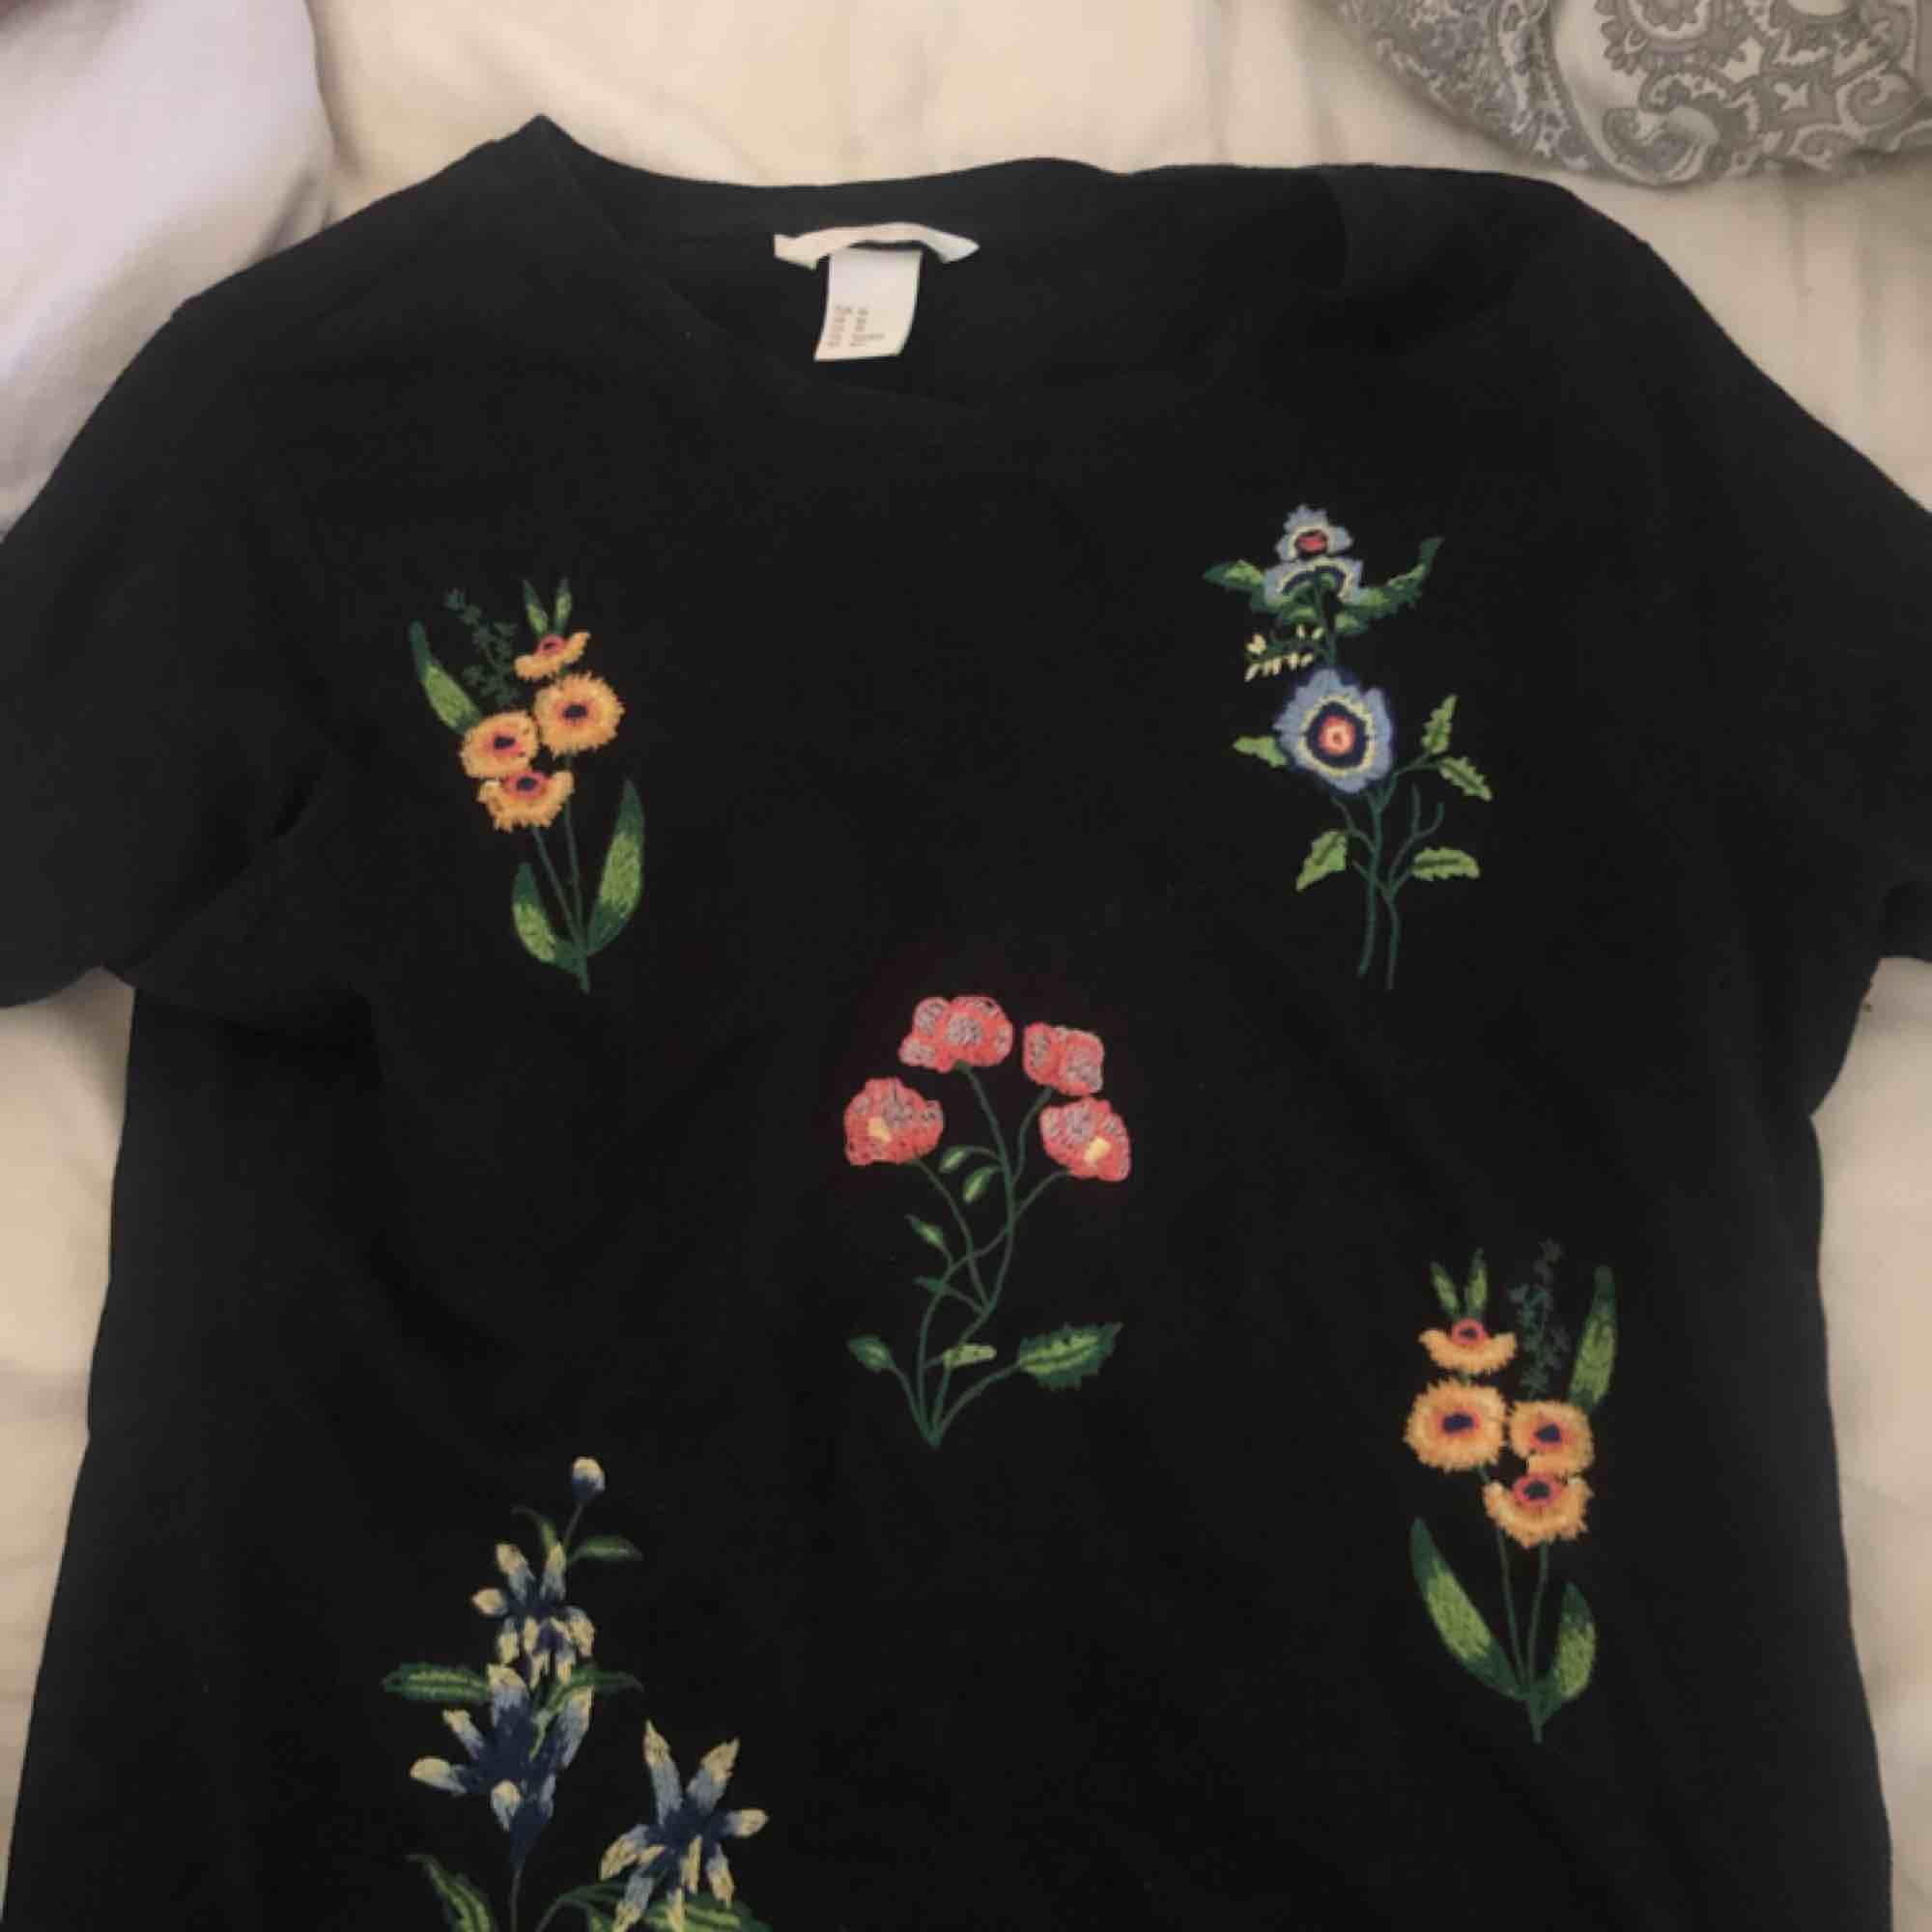 Superfin t-shirt från H&M med blommig brodyr på. Endast använd en gång därav nyskick. Frakt ca 20 kr. T-shirts.